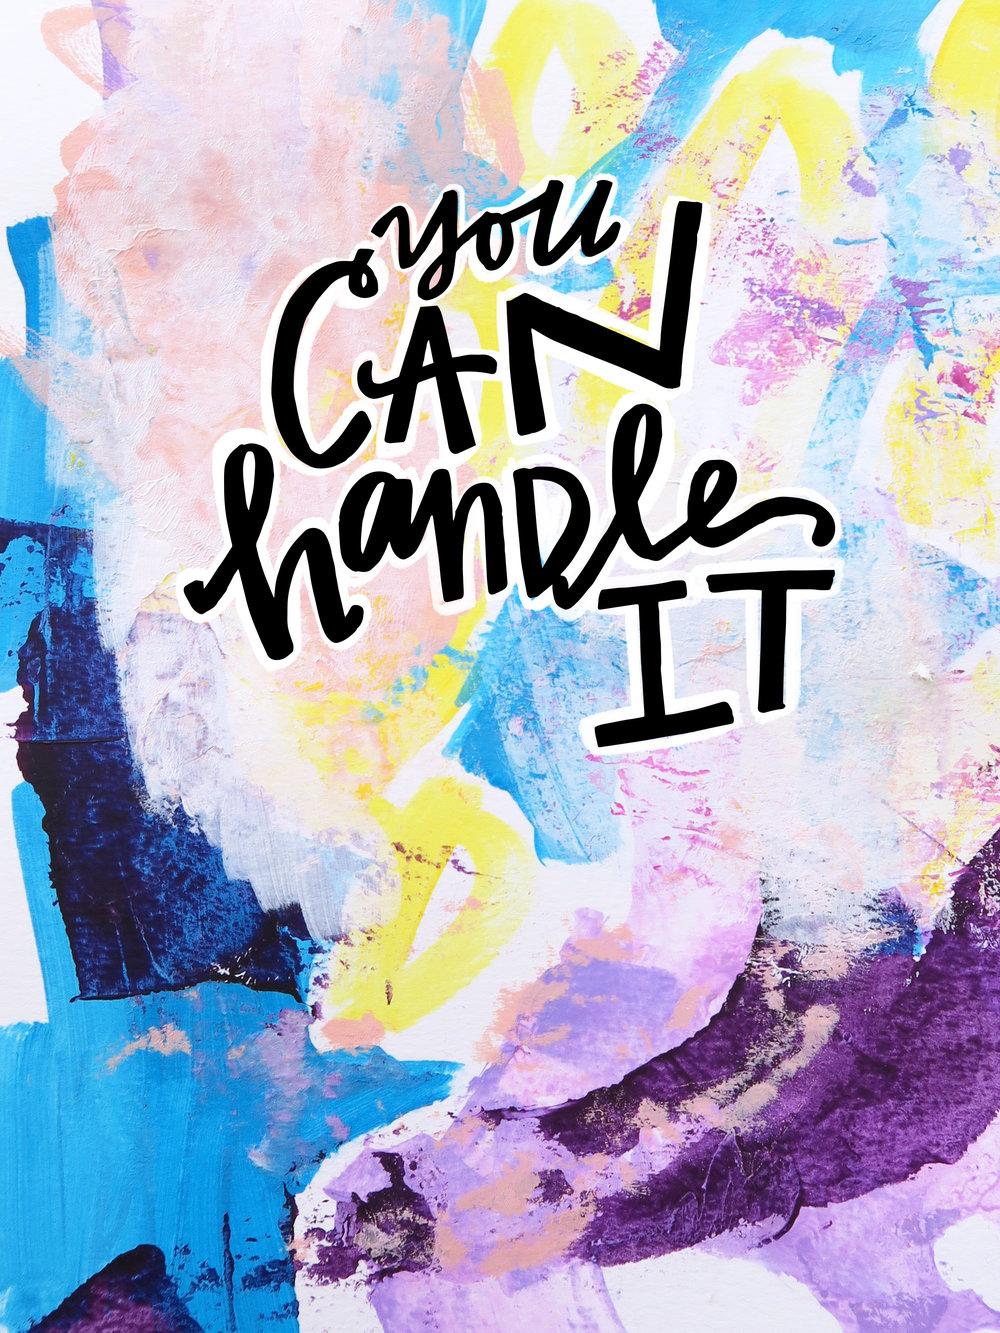 7/15/16: Handle